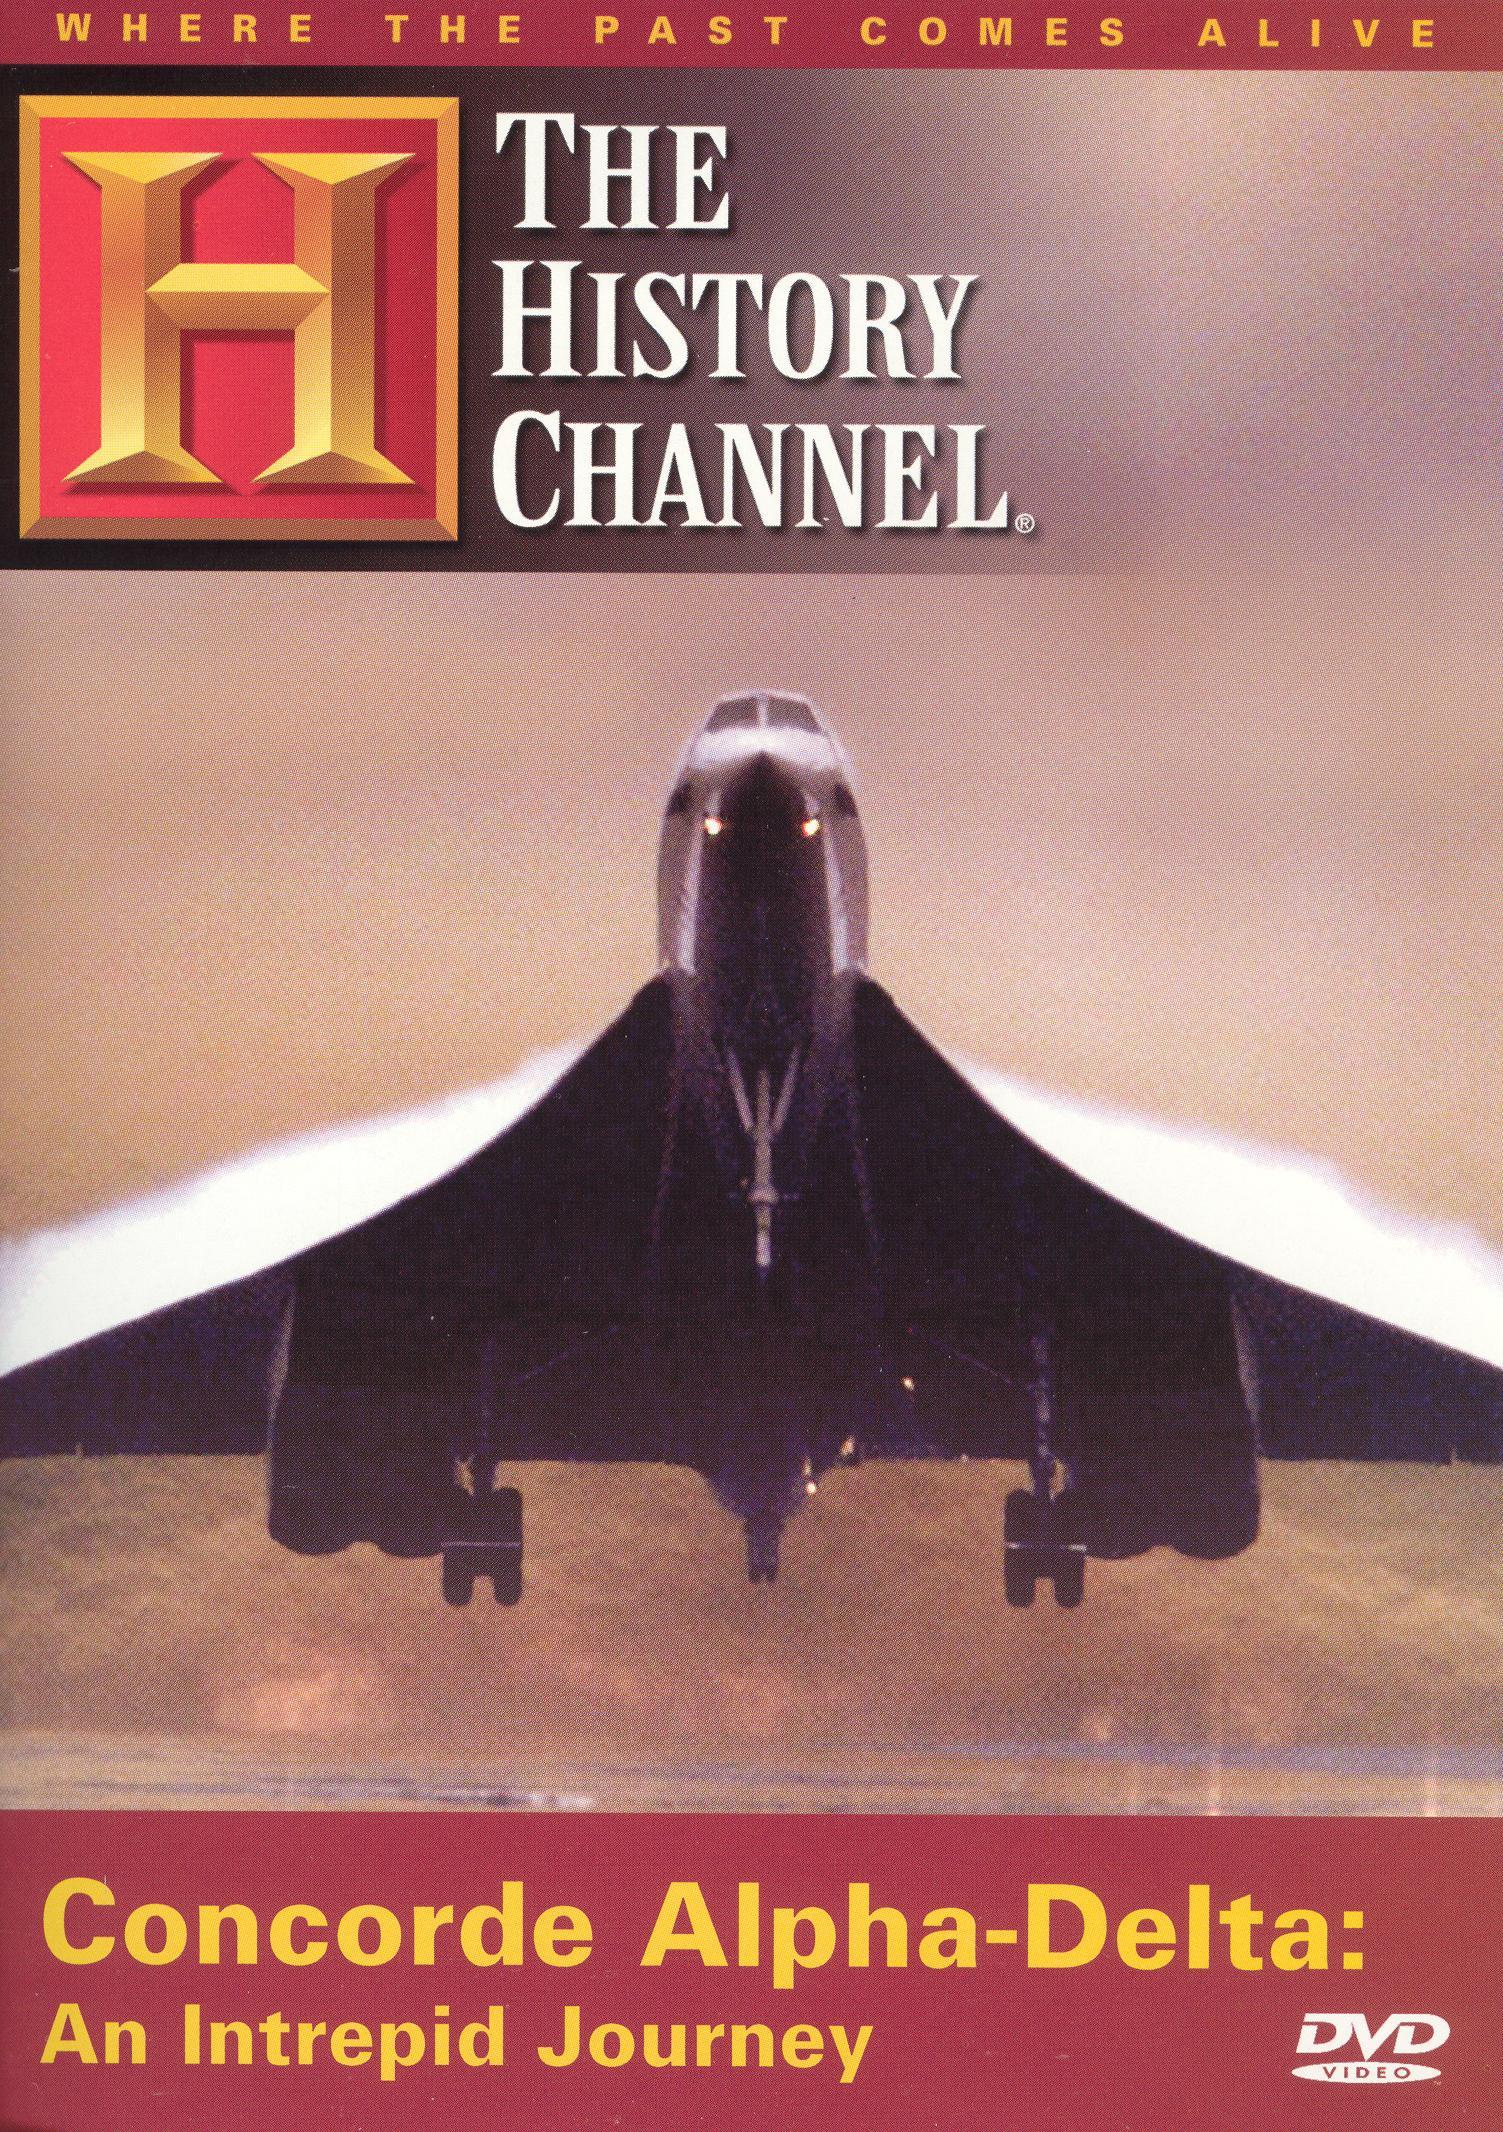 The Concorde Alpha-Delta